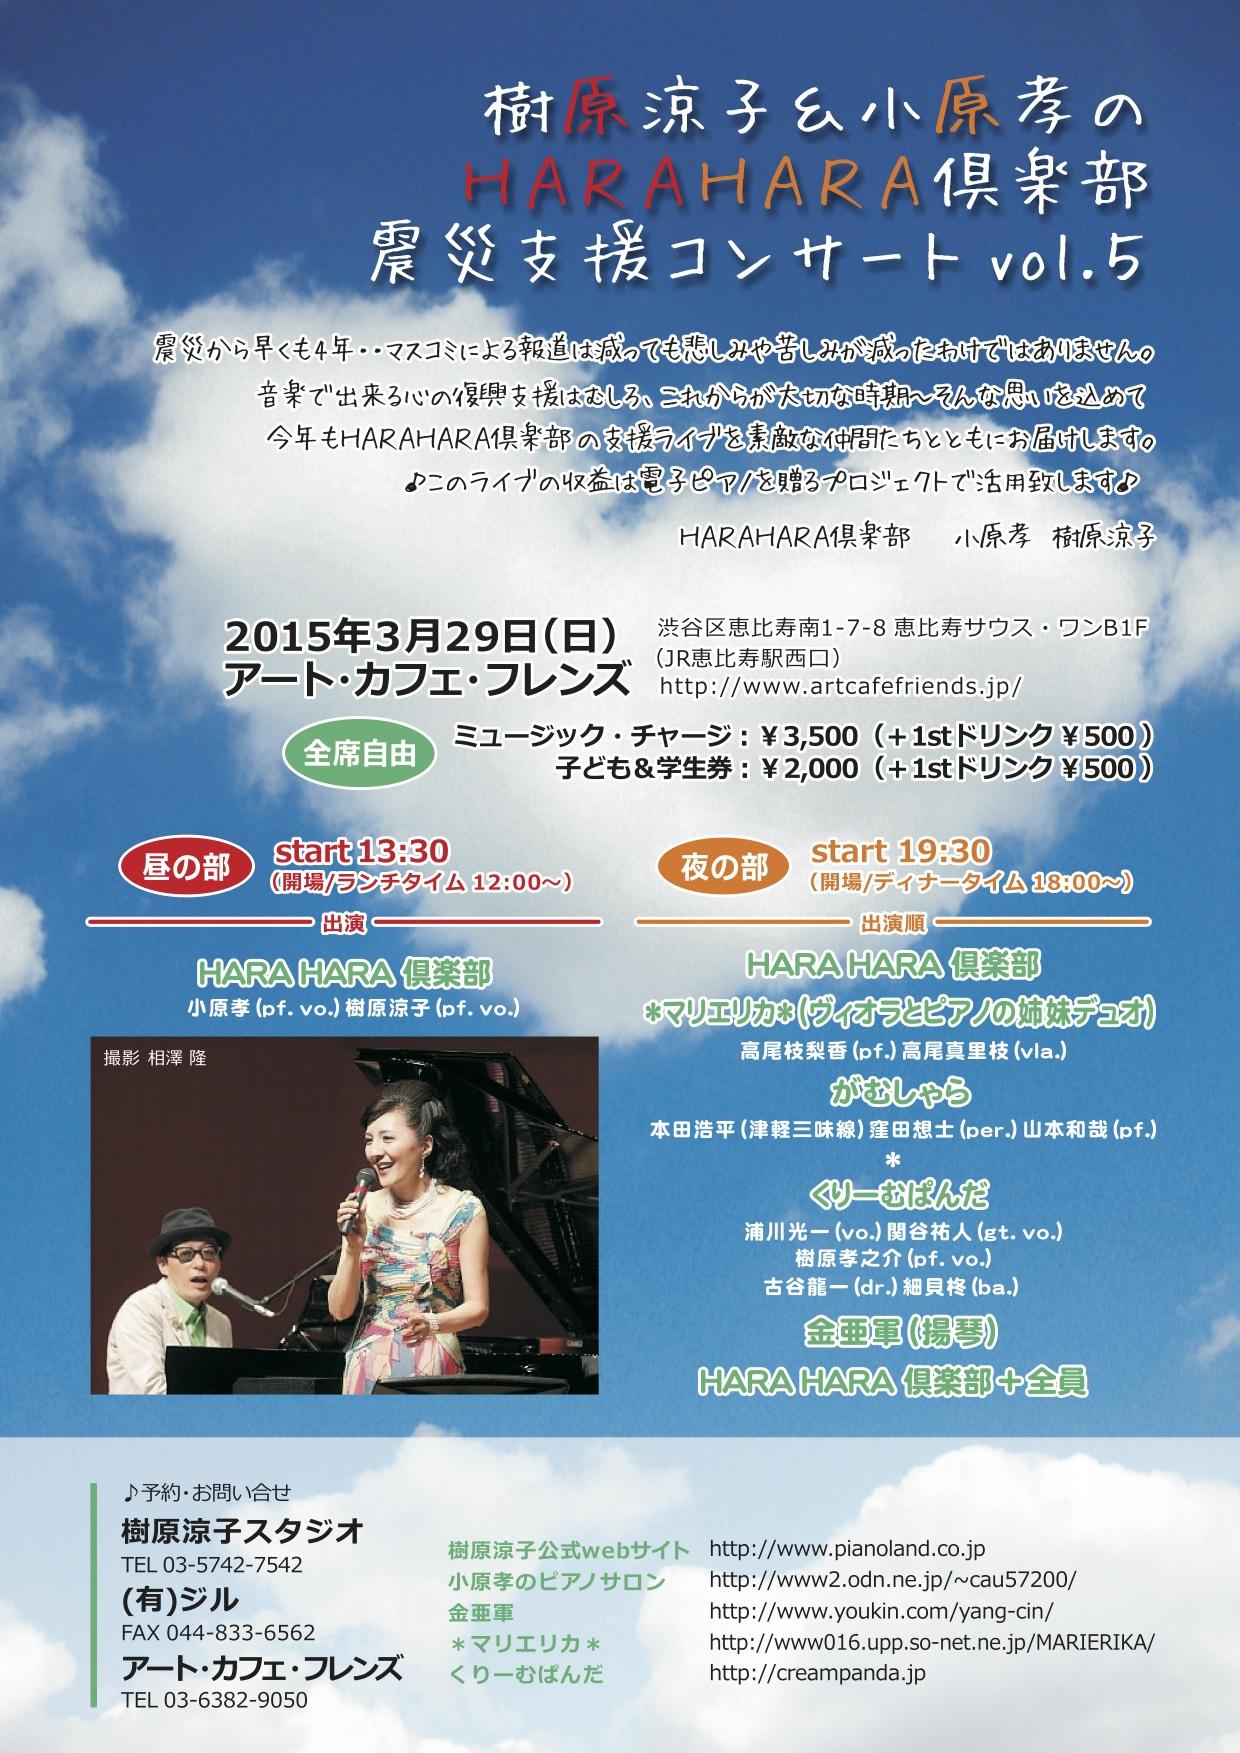 3/29震災支援コンサートチラシ